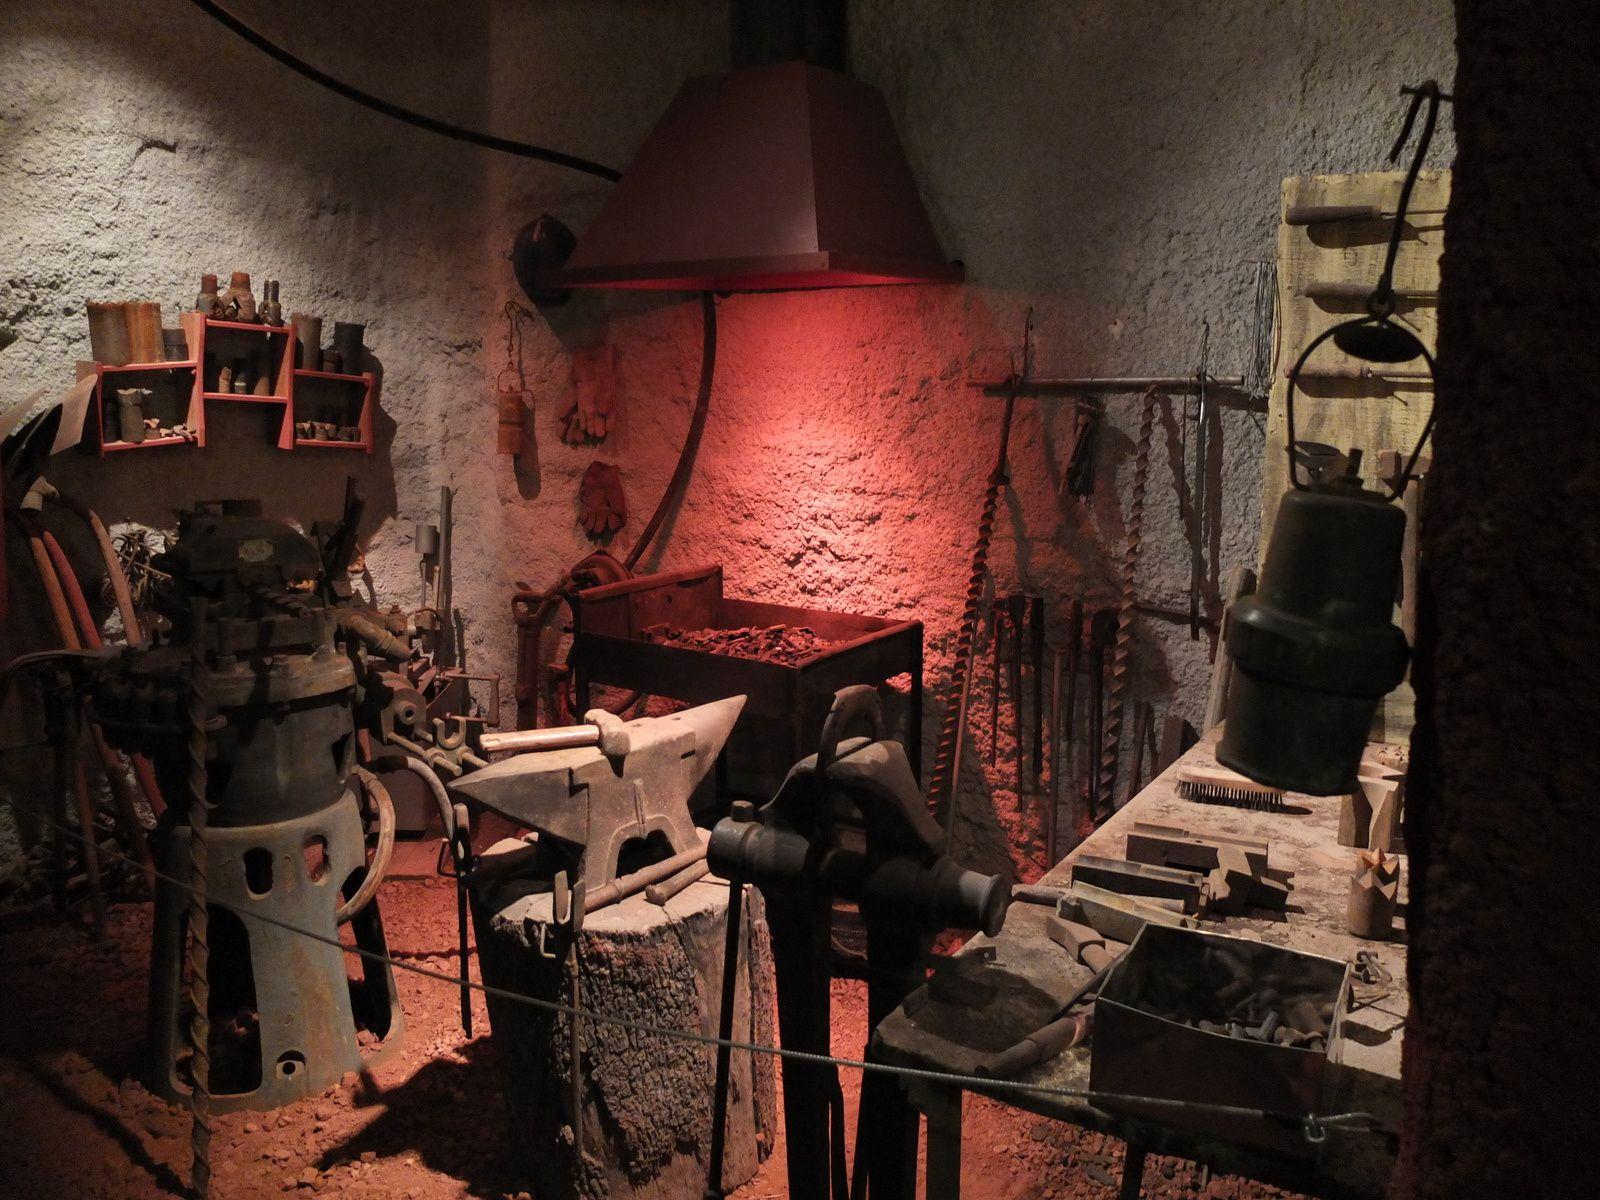 La forge. Le forgeron réparait les outils, ferrait les bêtes.